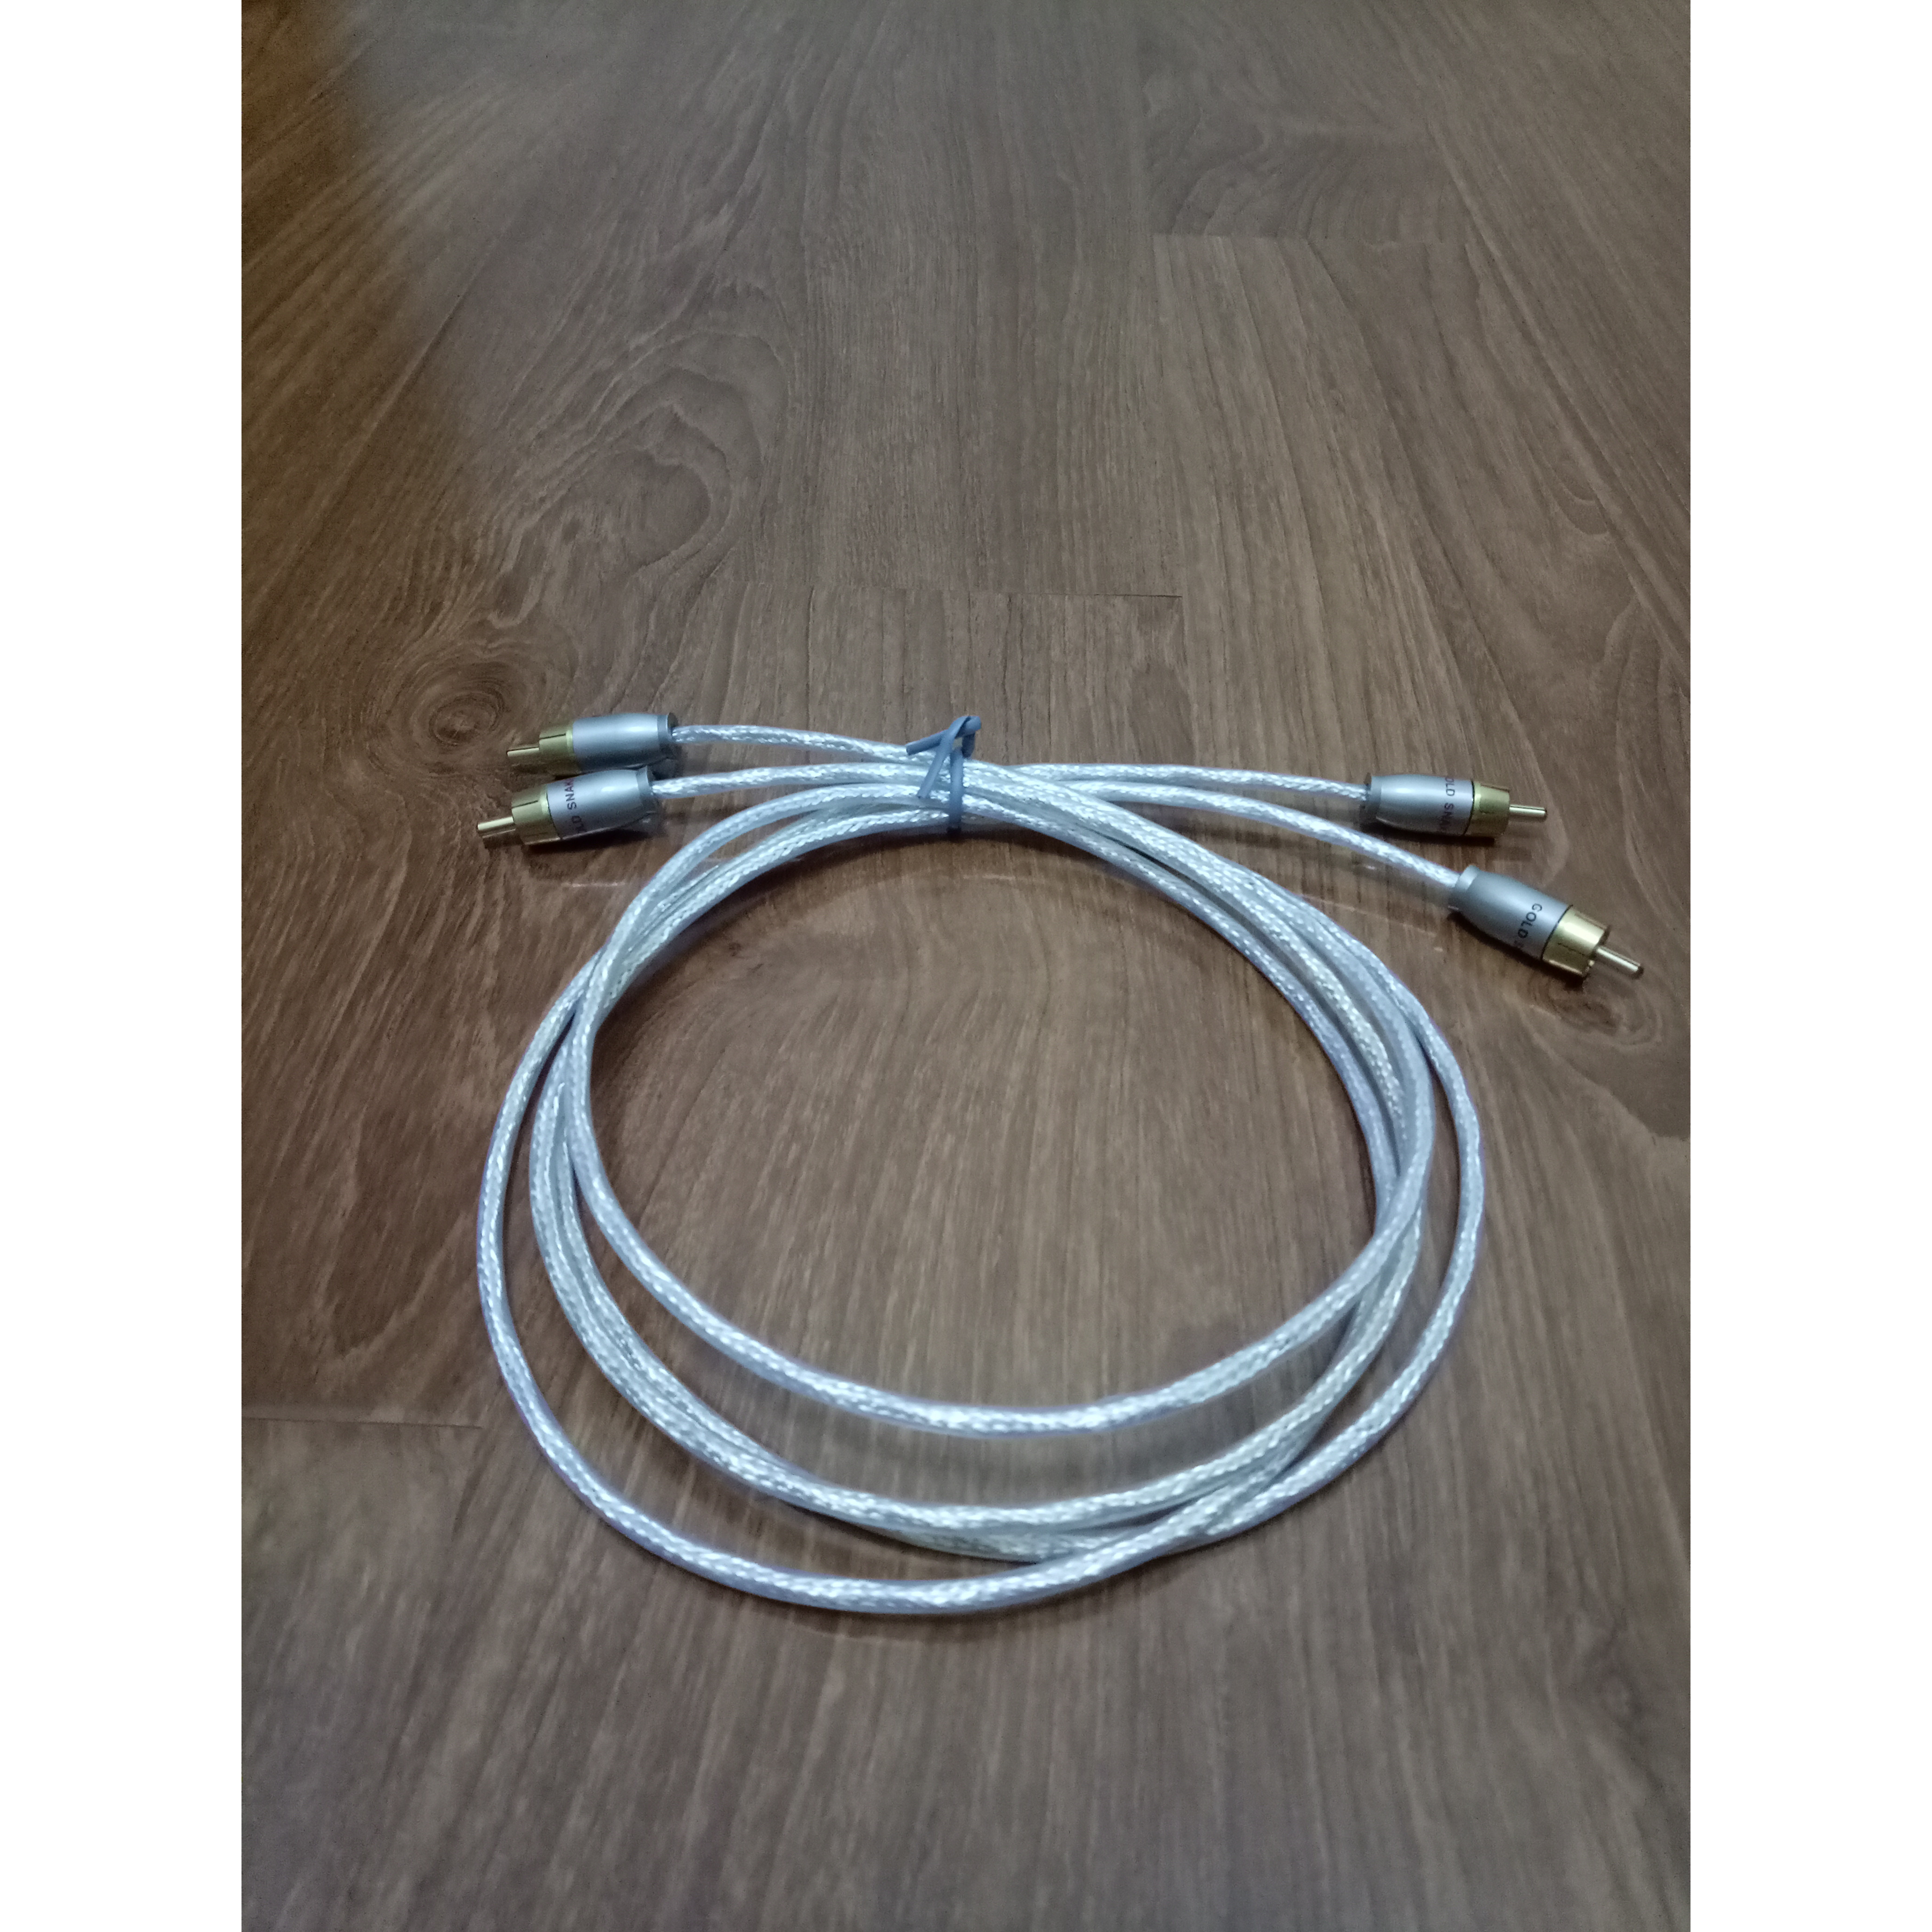 Bộ dây AV quân sự dài 1 mét